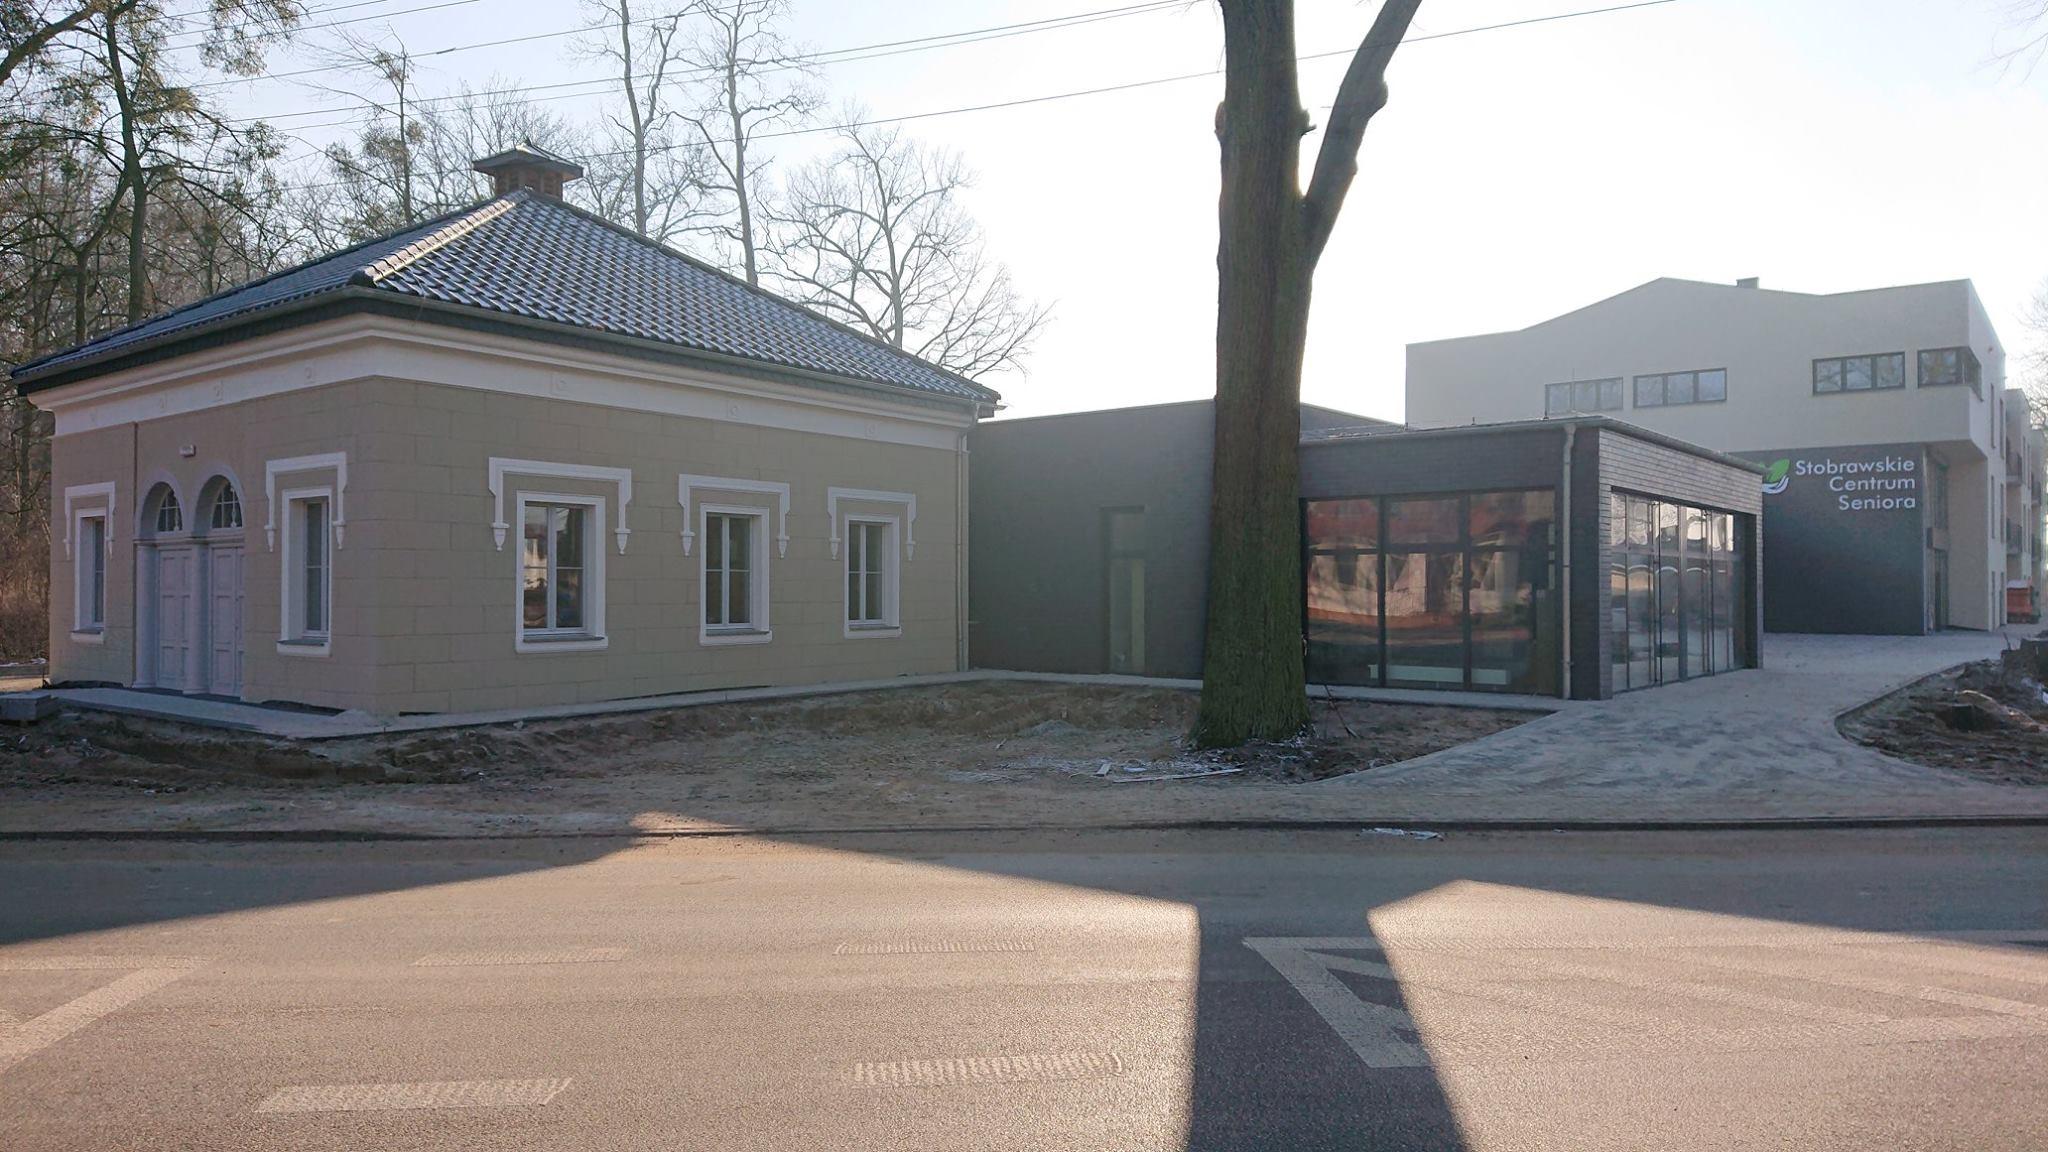 Stobrawskie Centrum Seniora- widok z zewnątrz.